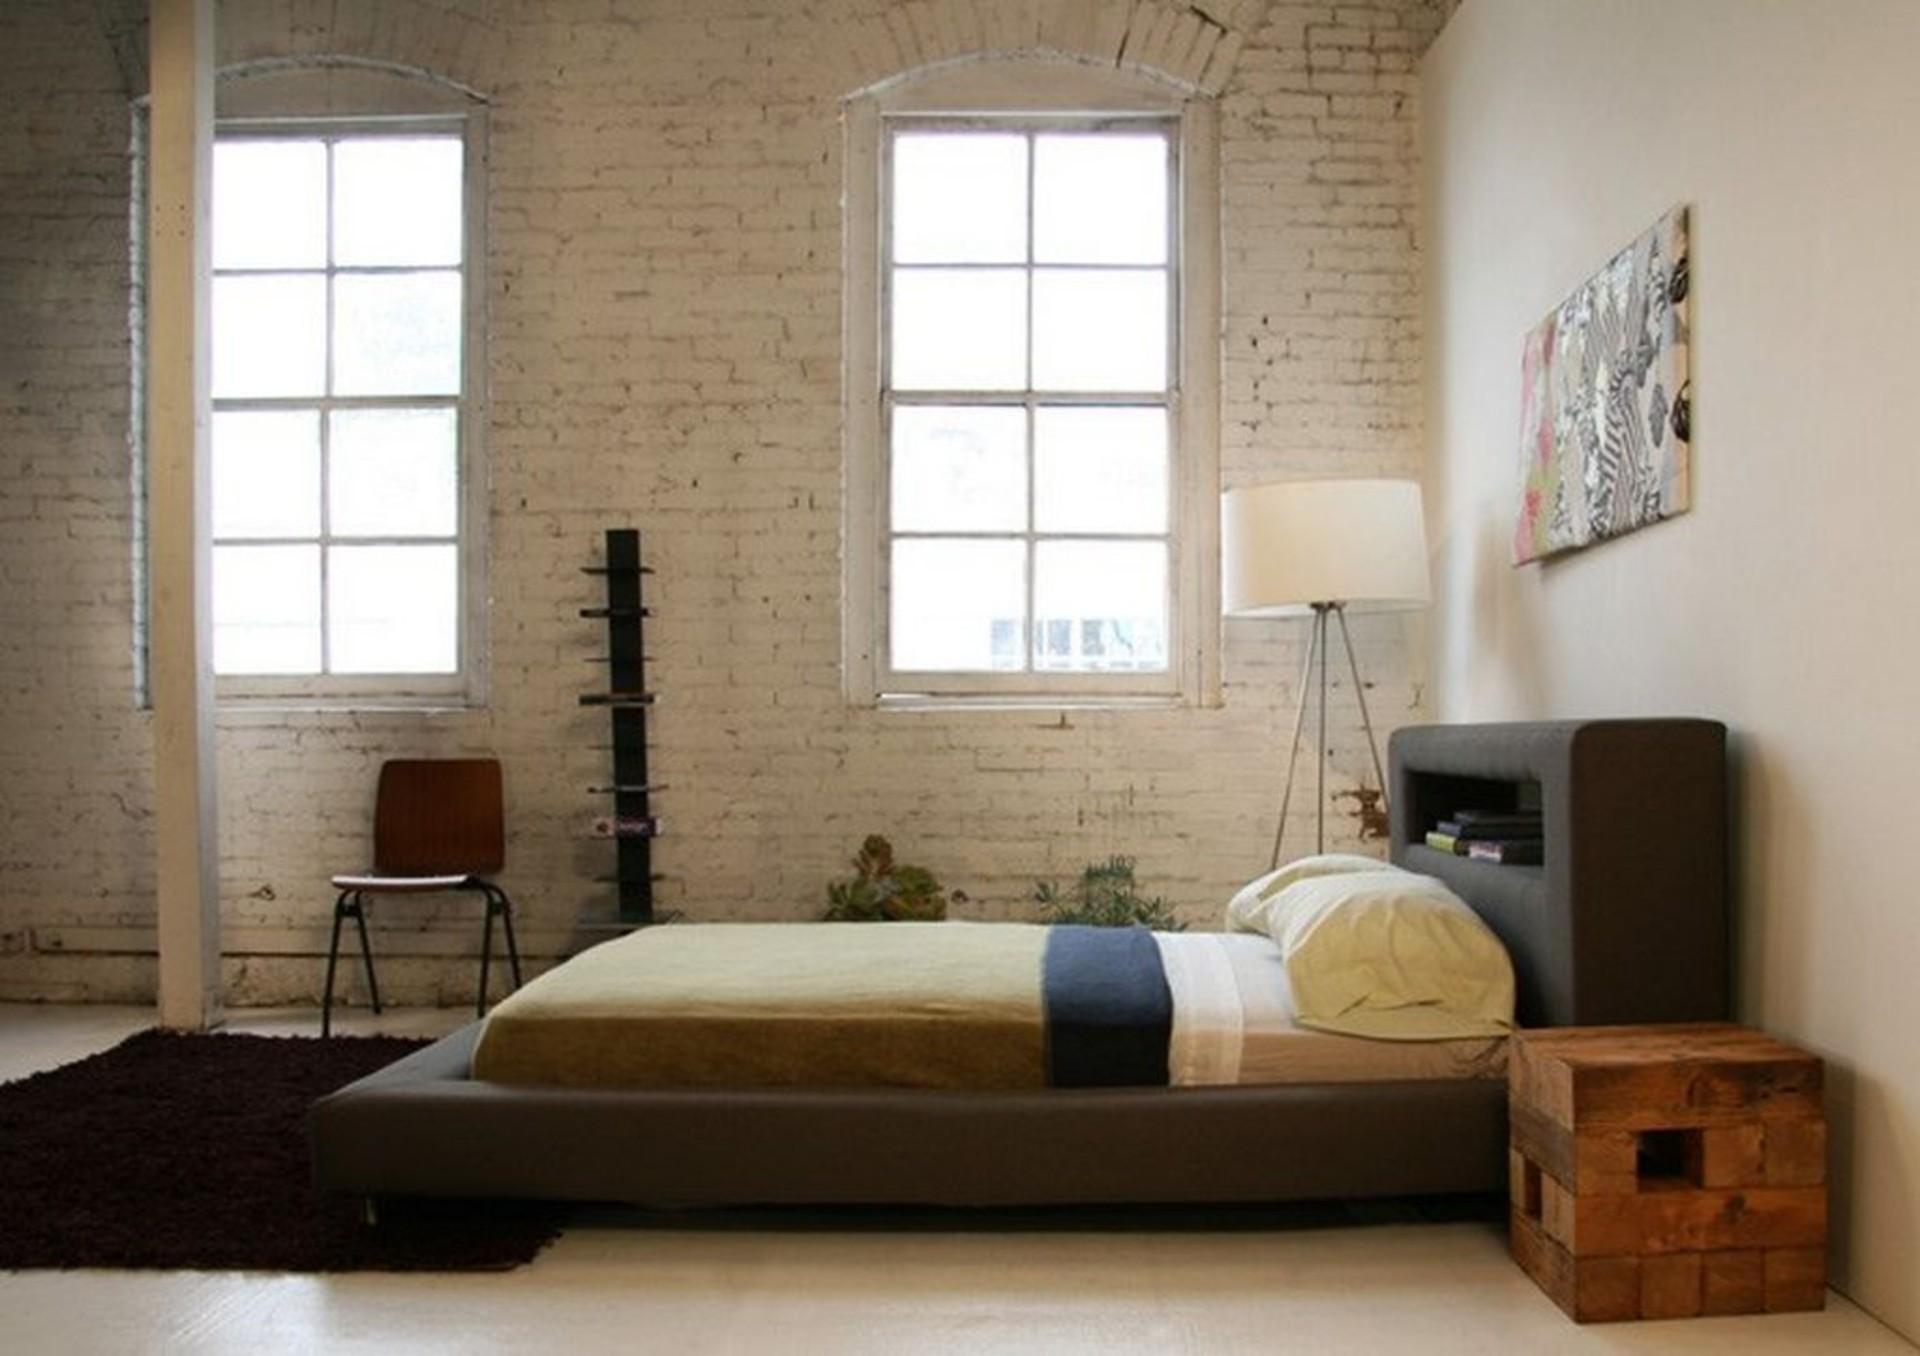 Minimalist Platform Bed: Designs and Pictures - HomesFeed on Bedroom Minimalist Design Ideas  id=61395